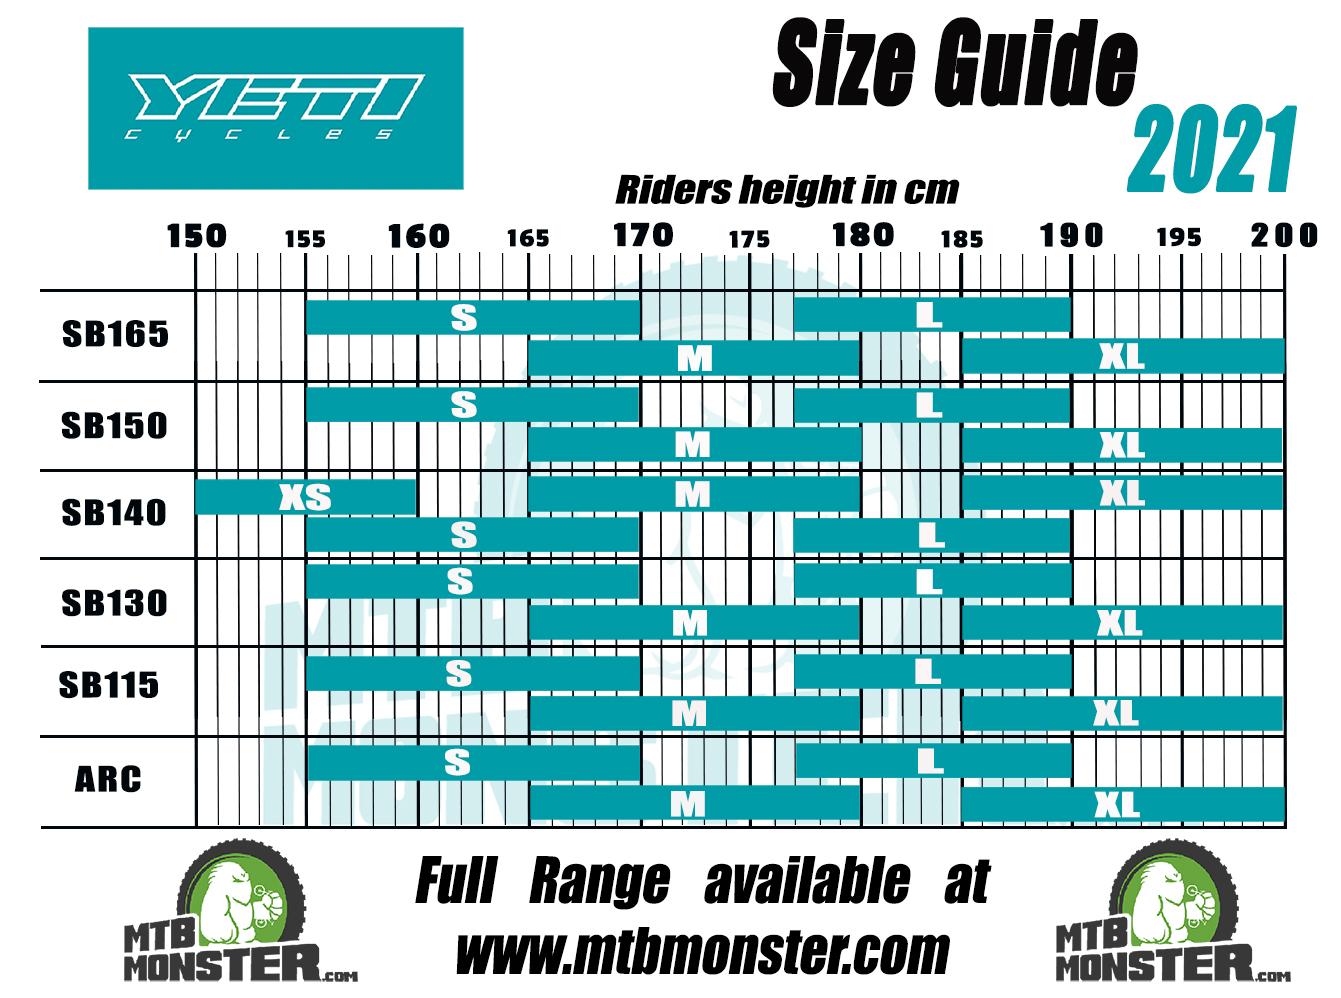 Yeti bike sizing chart and yeti cycling size guide 2021